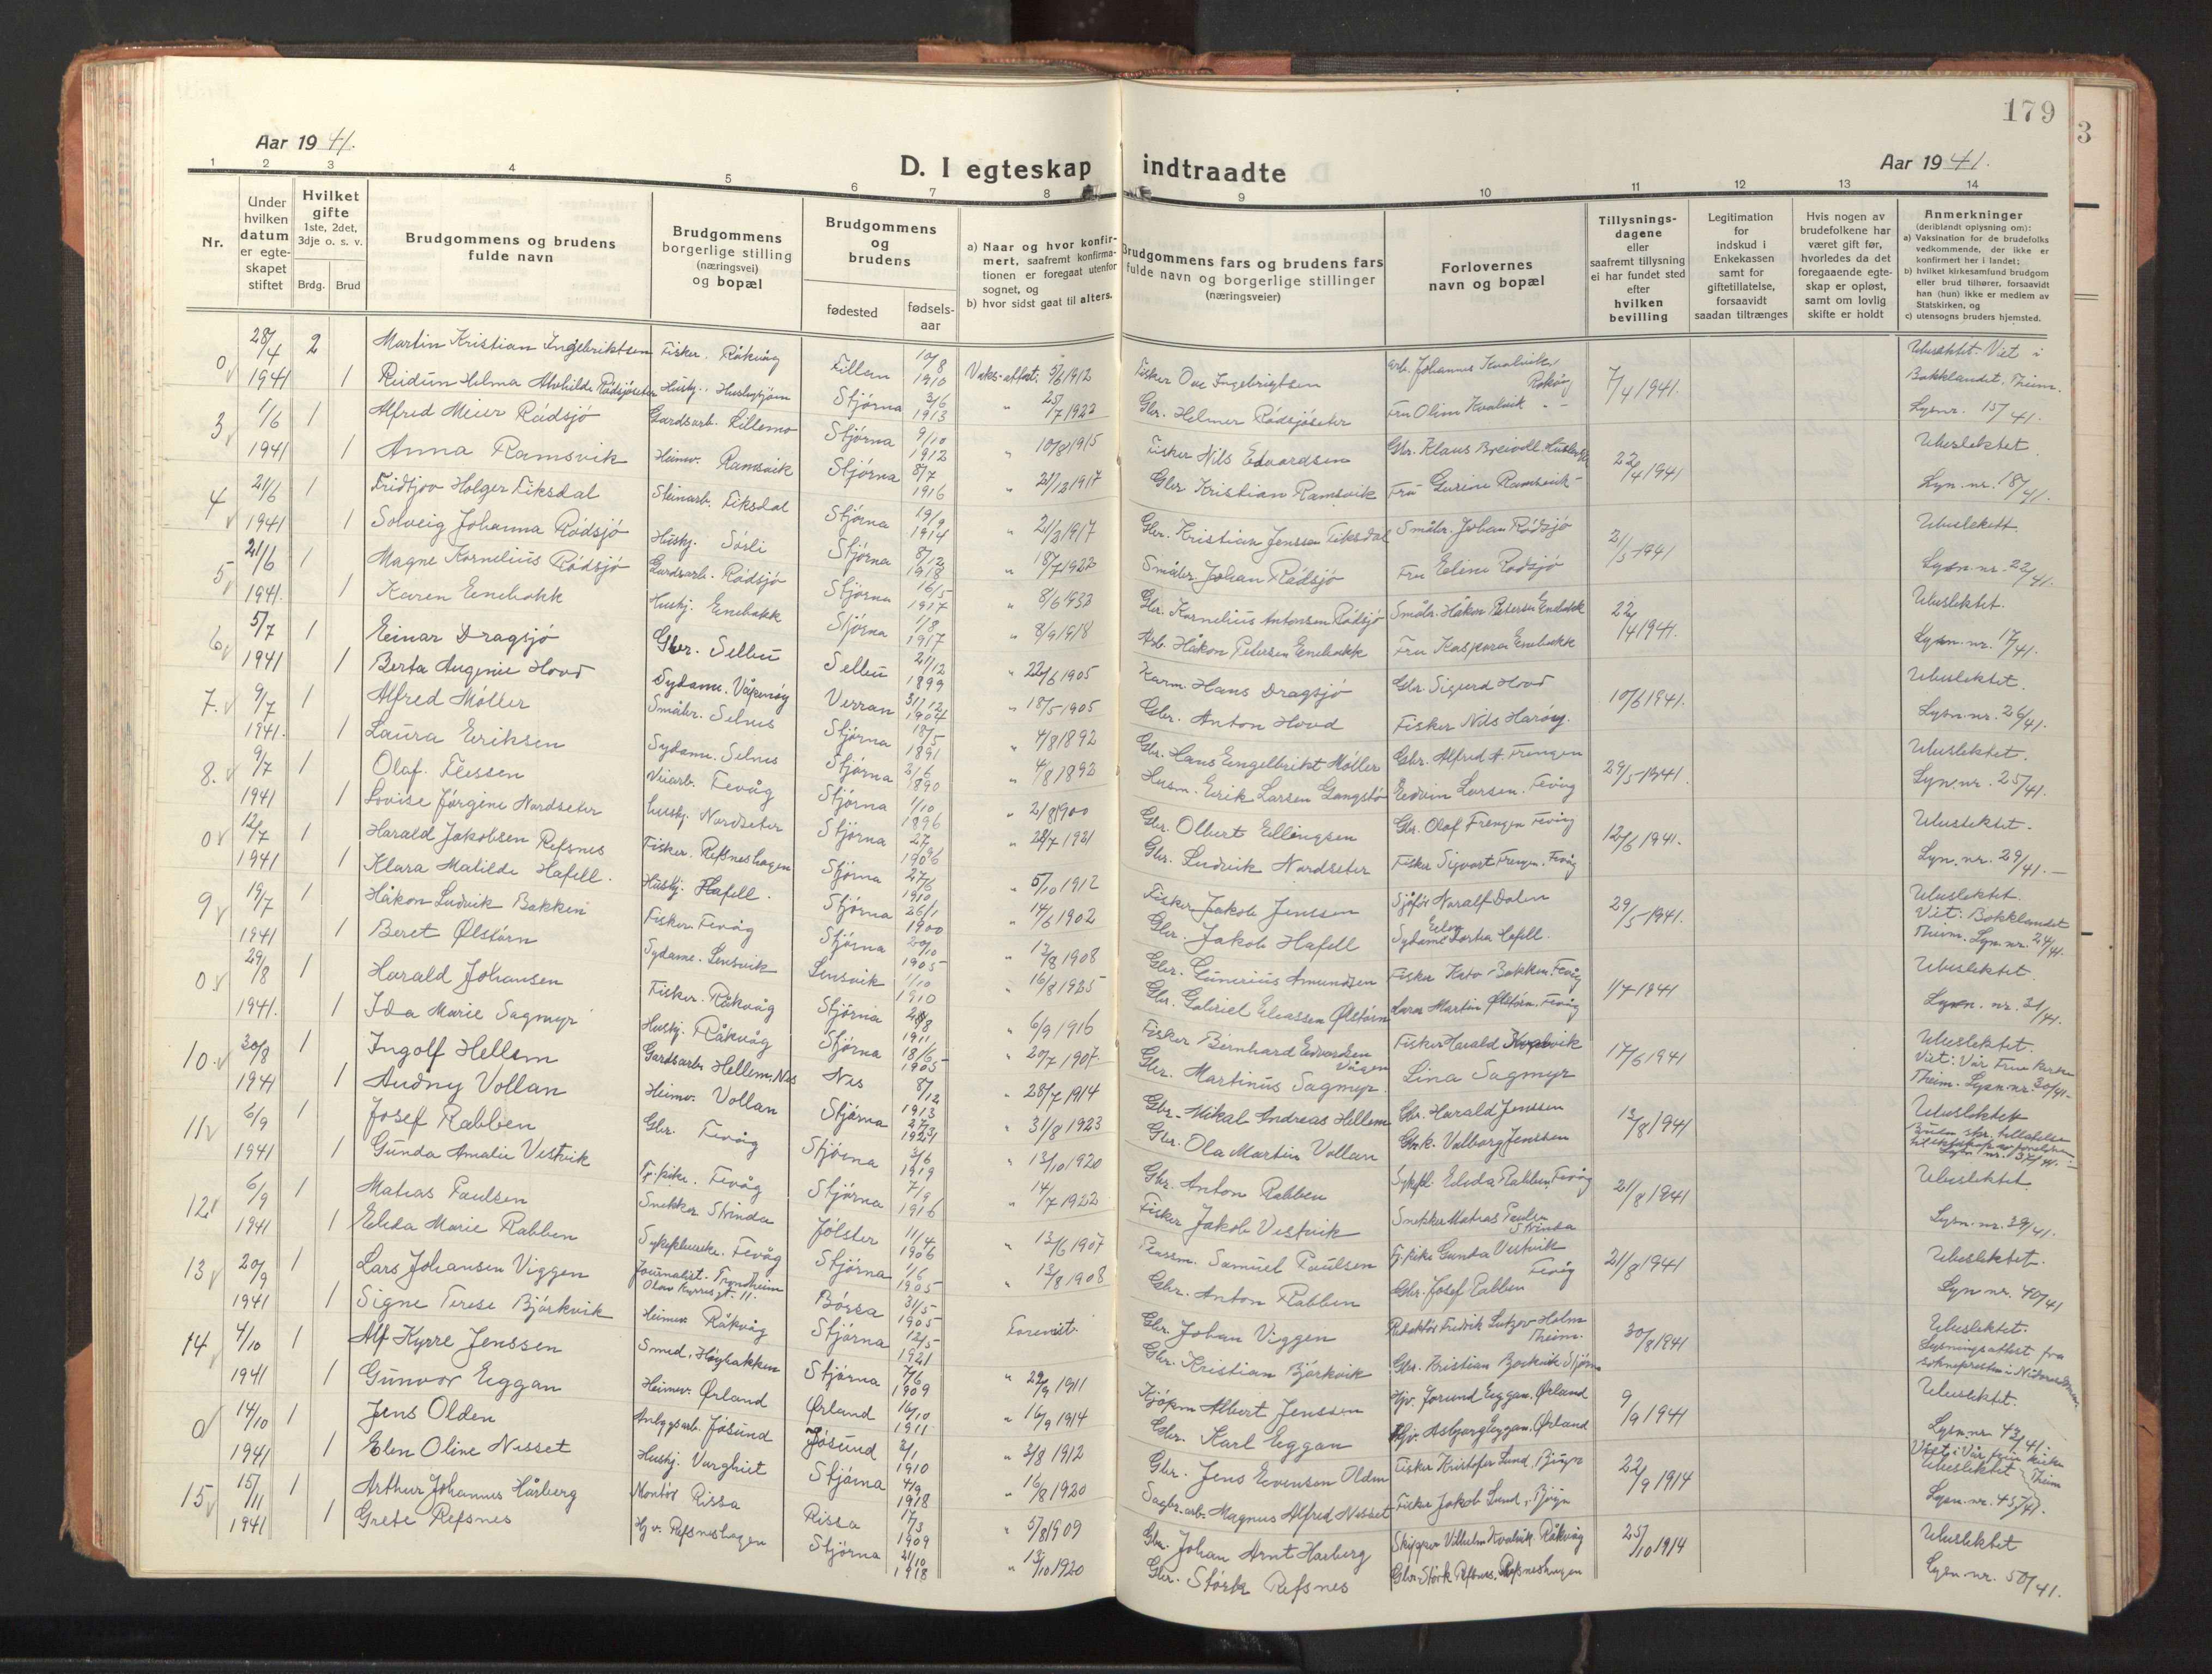 SAT, Ministerialprotokoller, klokkerbøker og fødselsregistre - Sør-Trøndelag, 653/L0658: Klokkerbok nr. 653C02, 1919-1947, s. 179